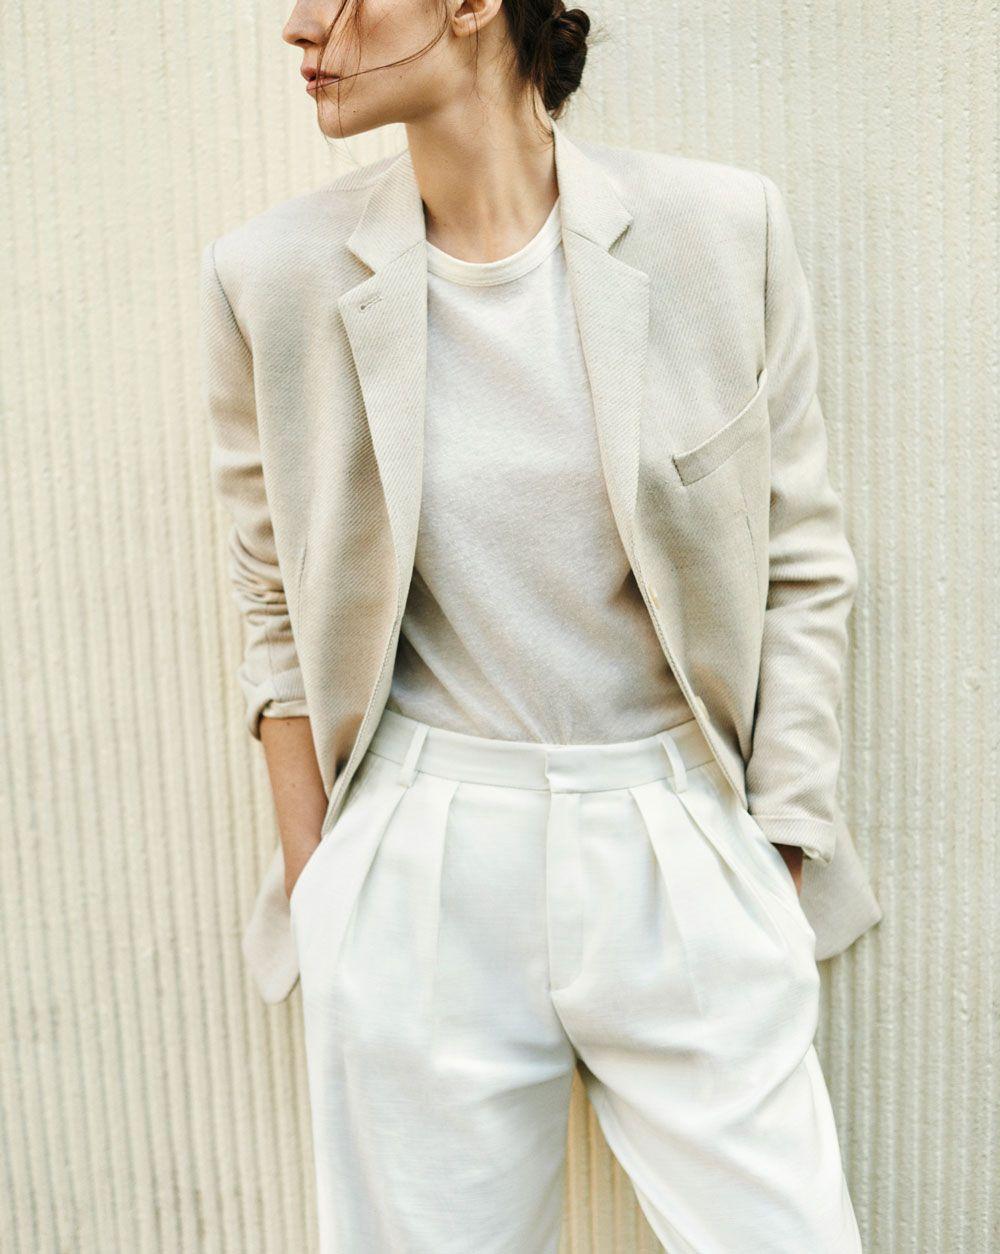 Scandinavian Clothing Brands Top 10 Modern Minimal Scandinavian Fashion Minimalist Fashion Summer Fashion